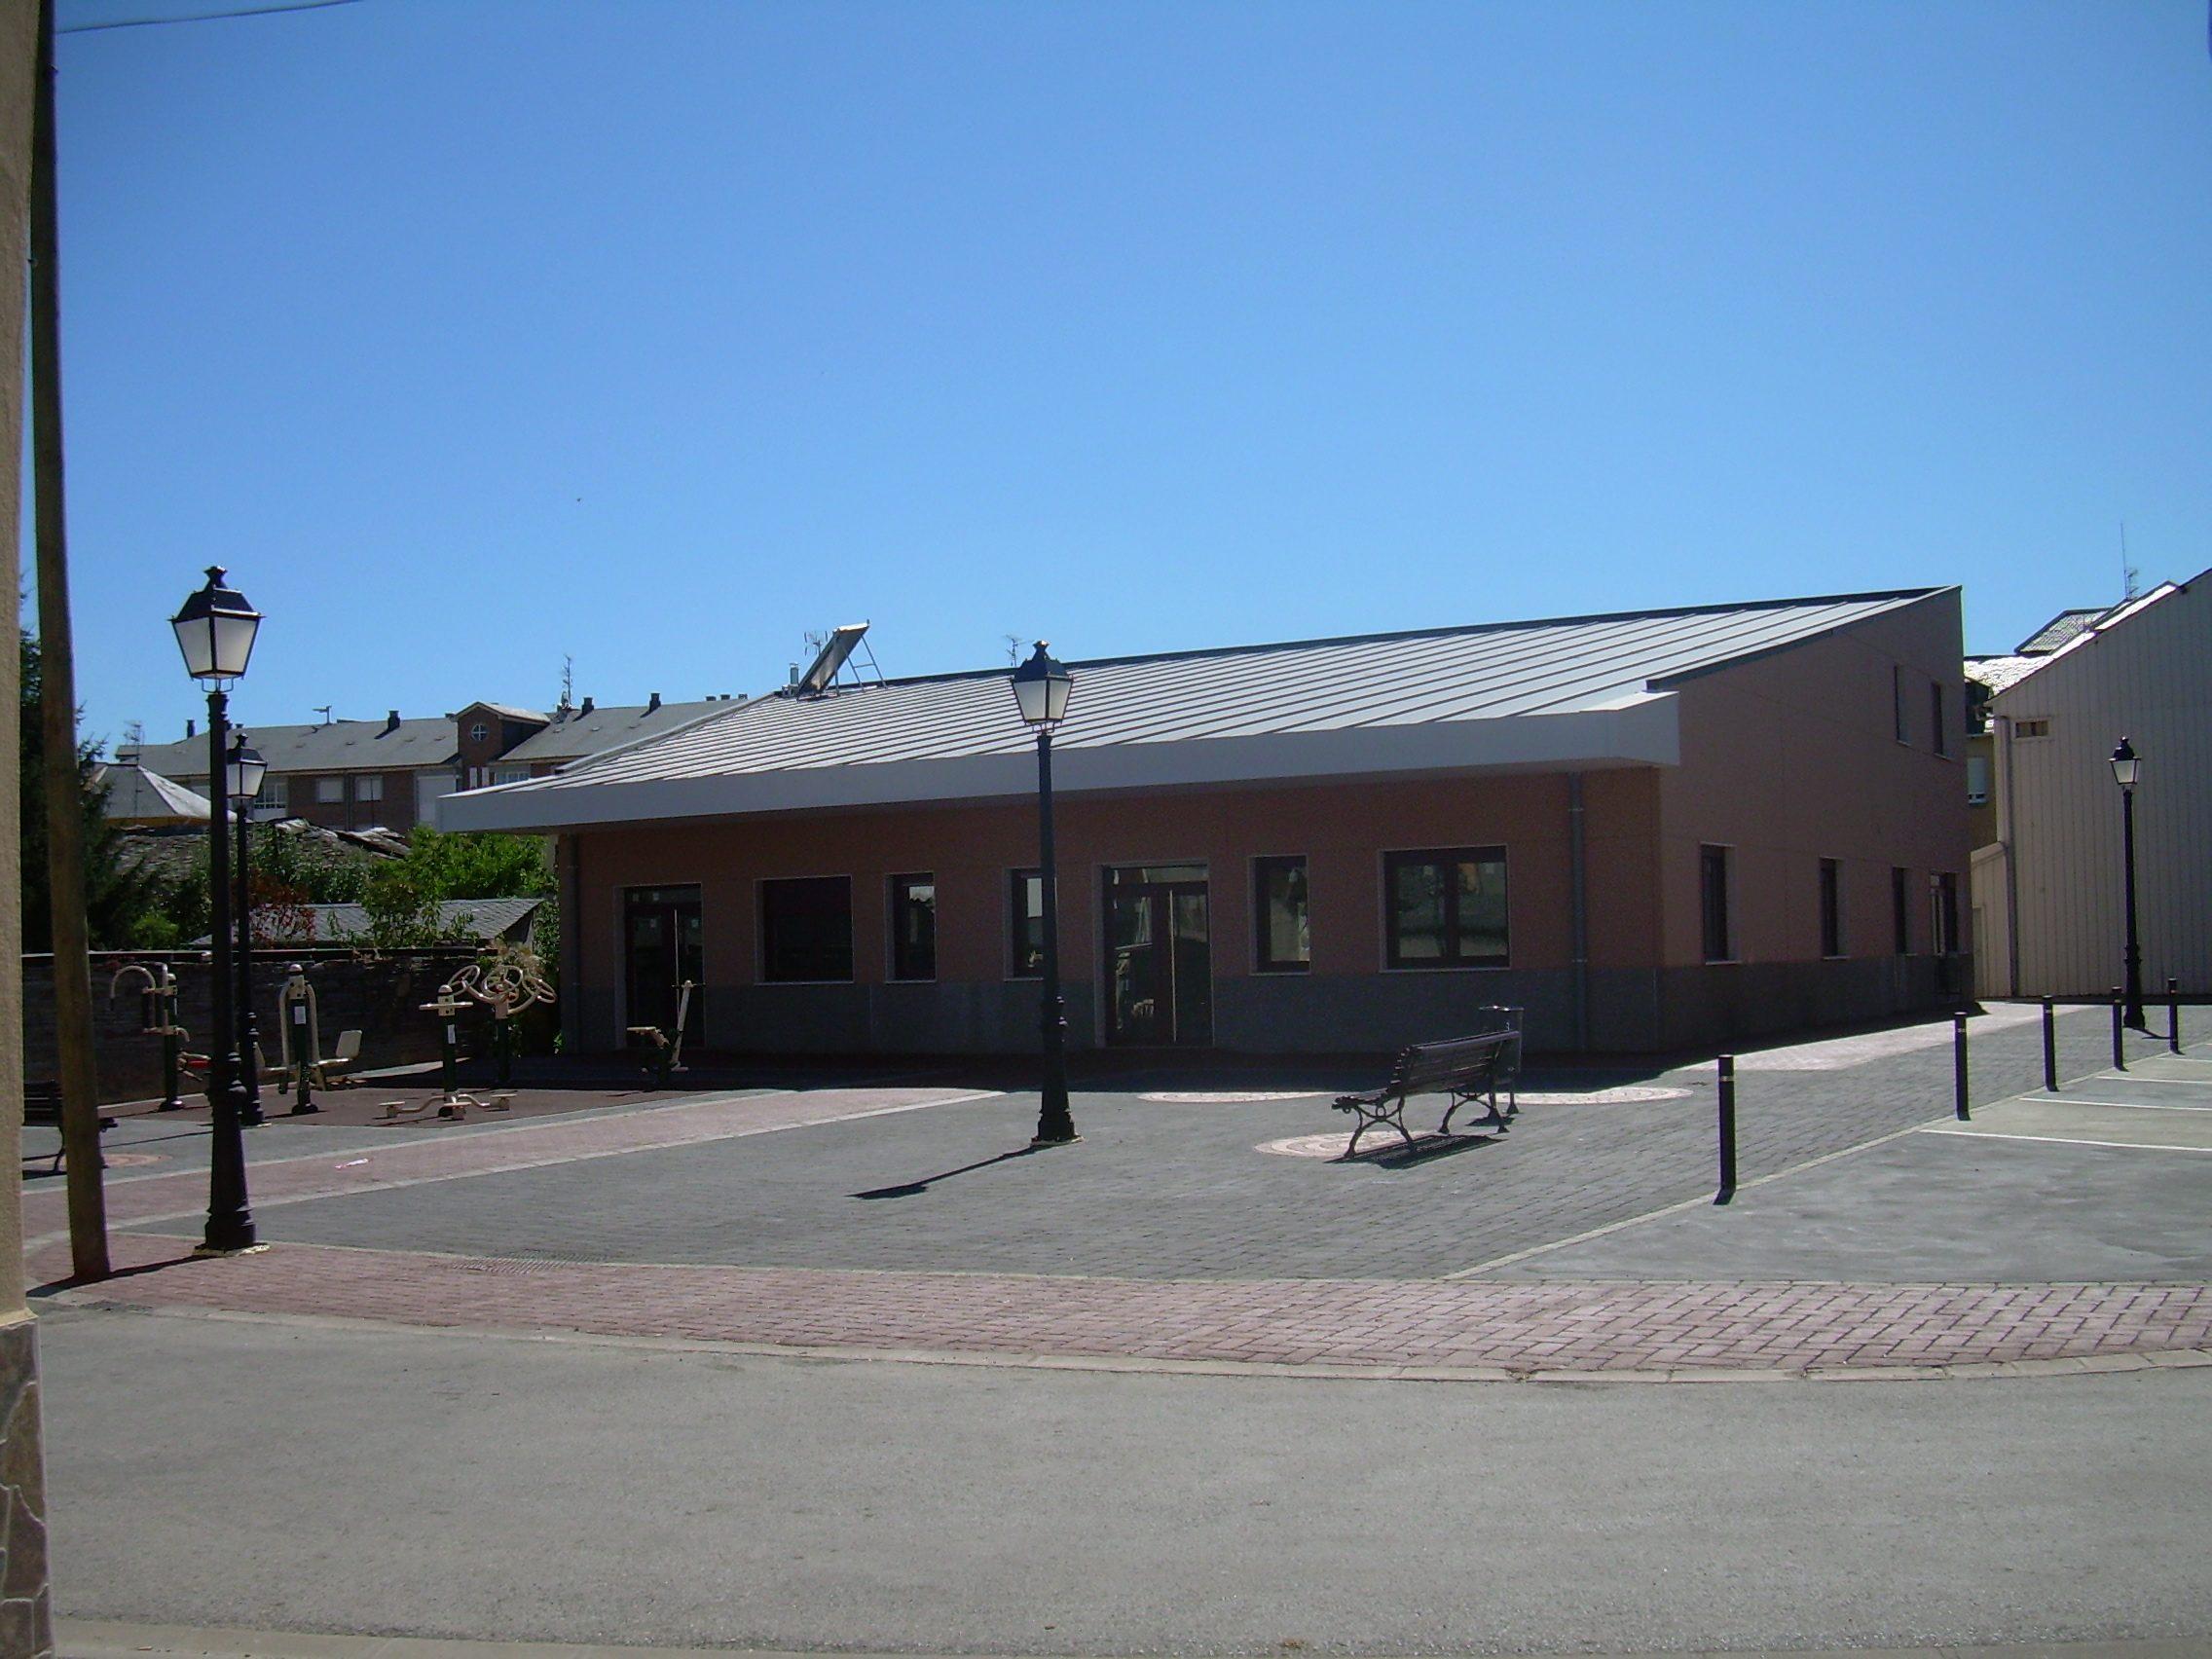 CENTRO RECEPCION DE VISITANTES AYTO.VEGA ESPINAREDA